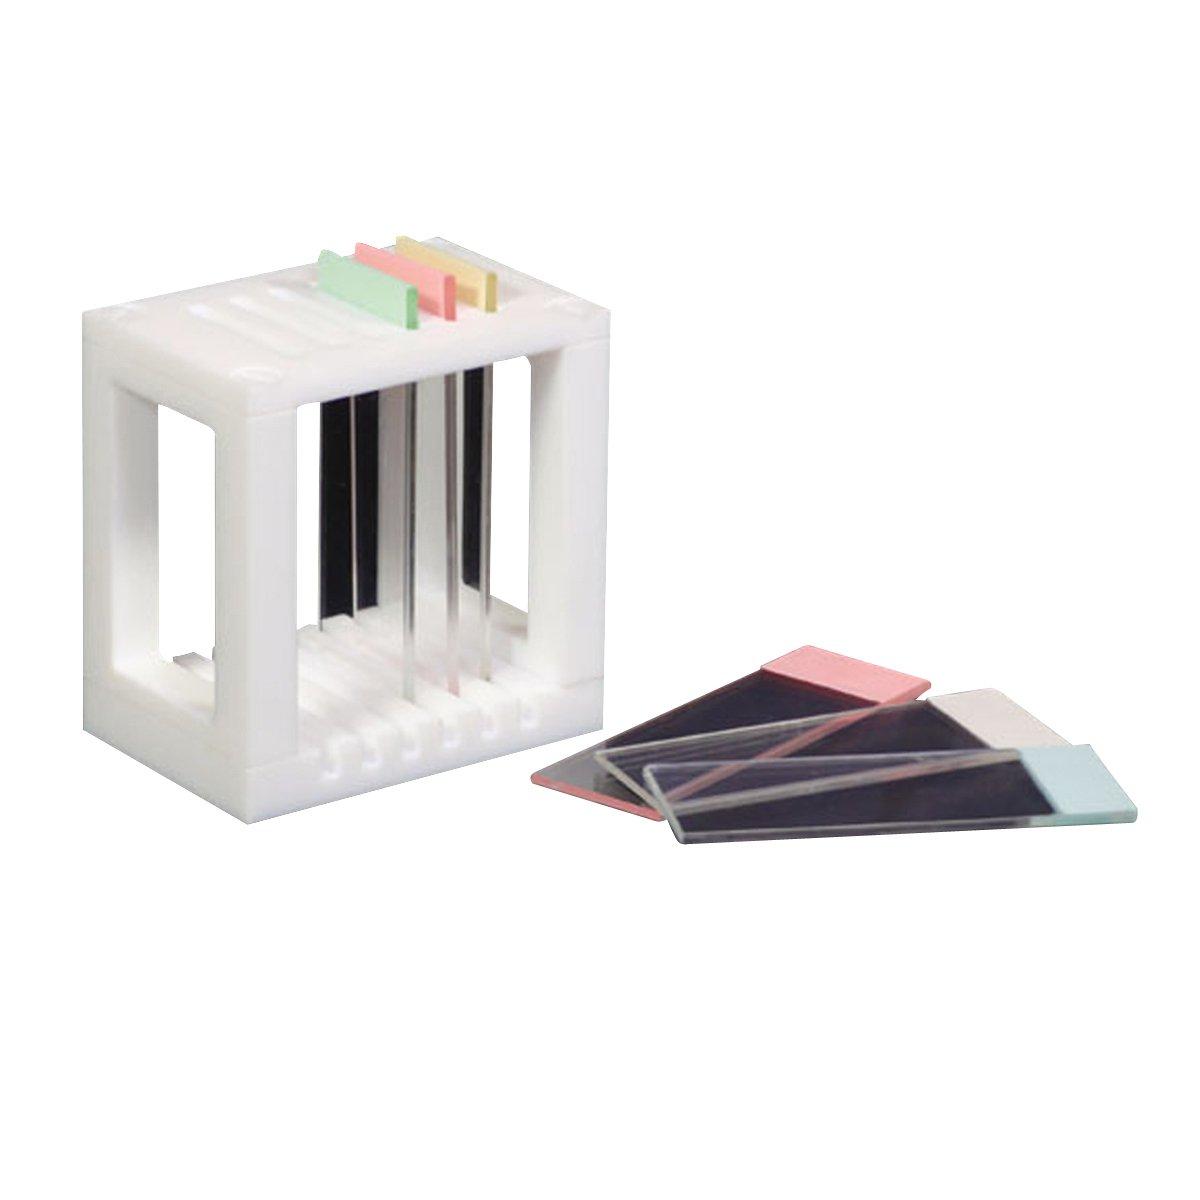 フロンケミカル フッ素樹脂(PTFE) スライドグラス用染色パット掛 6枚掛 NR1362-002 6枚掛  B01N9AY4I1